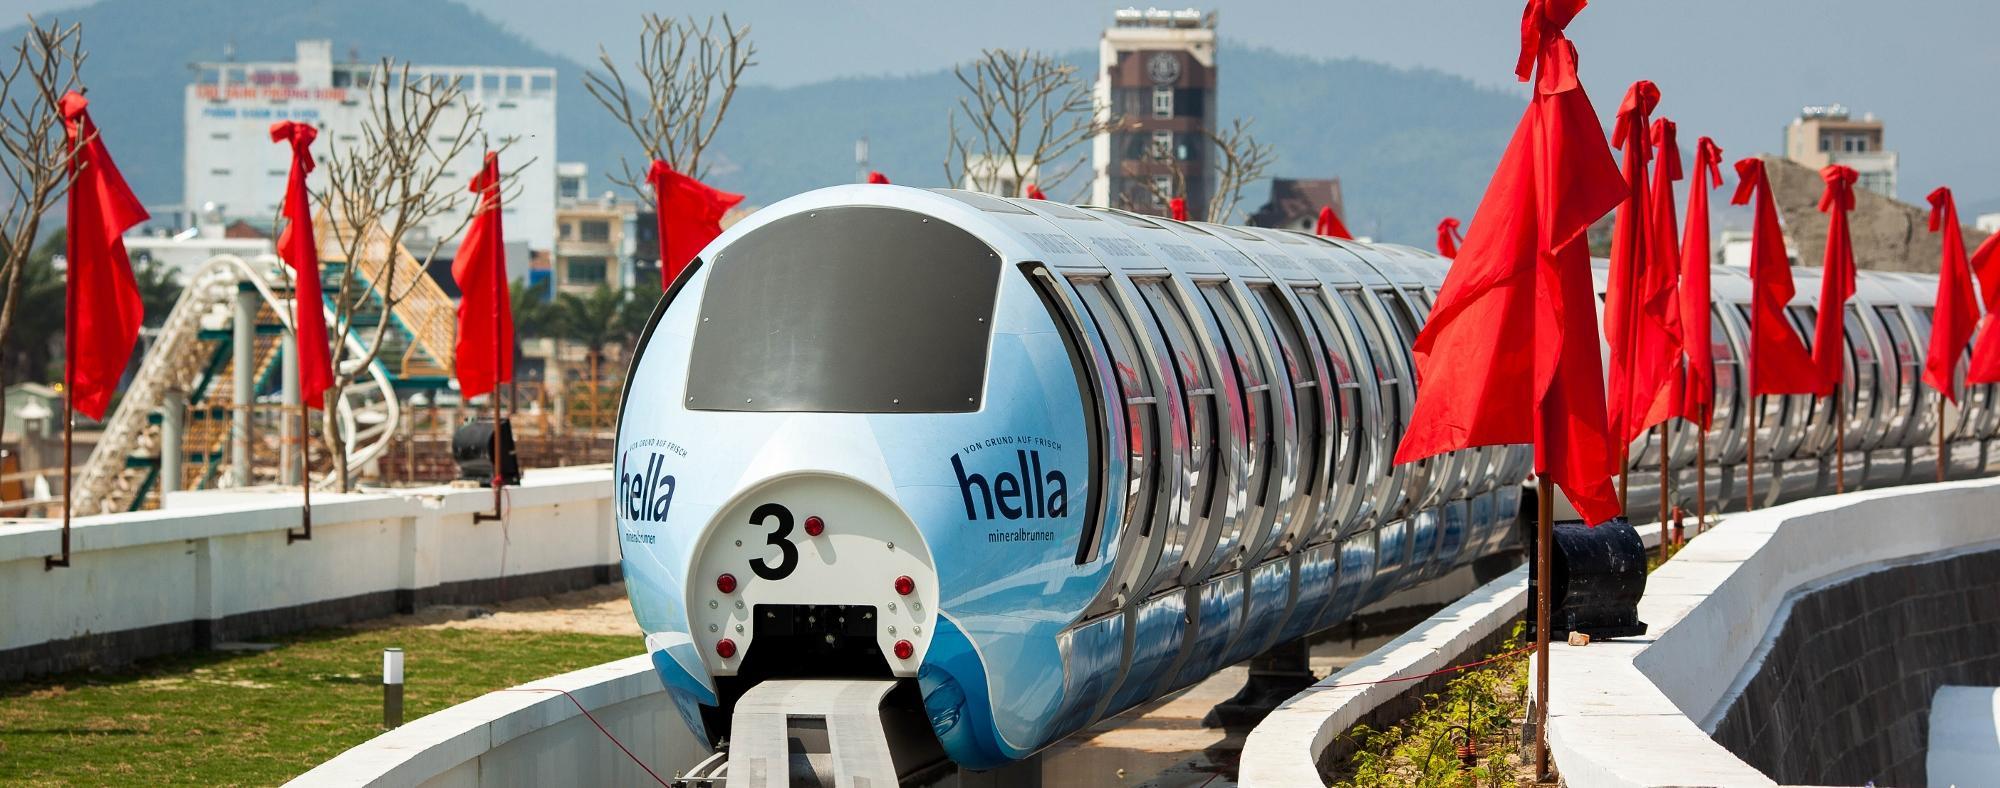 Tàu Monorail đầu tiên hiện đại nhất Việt Nam